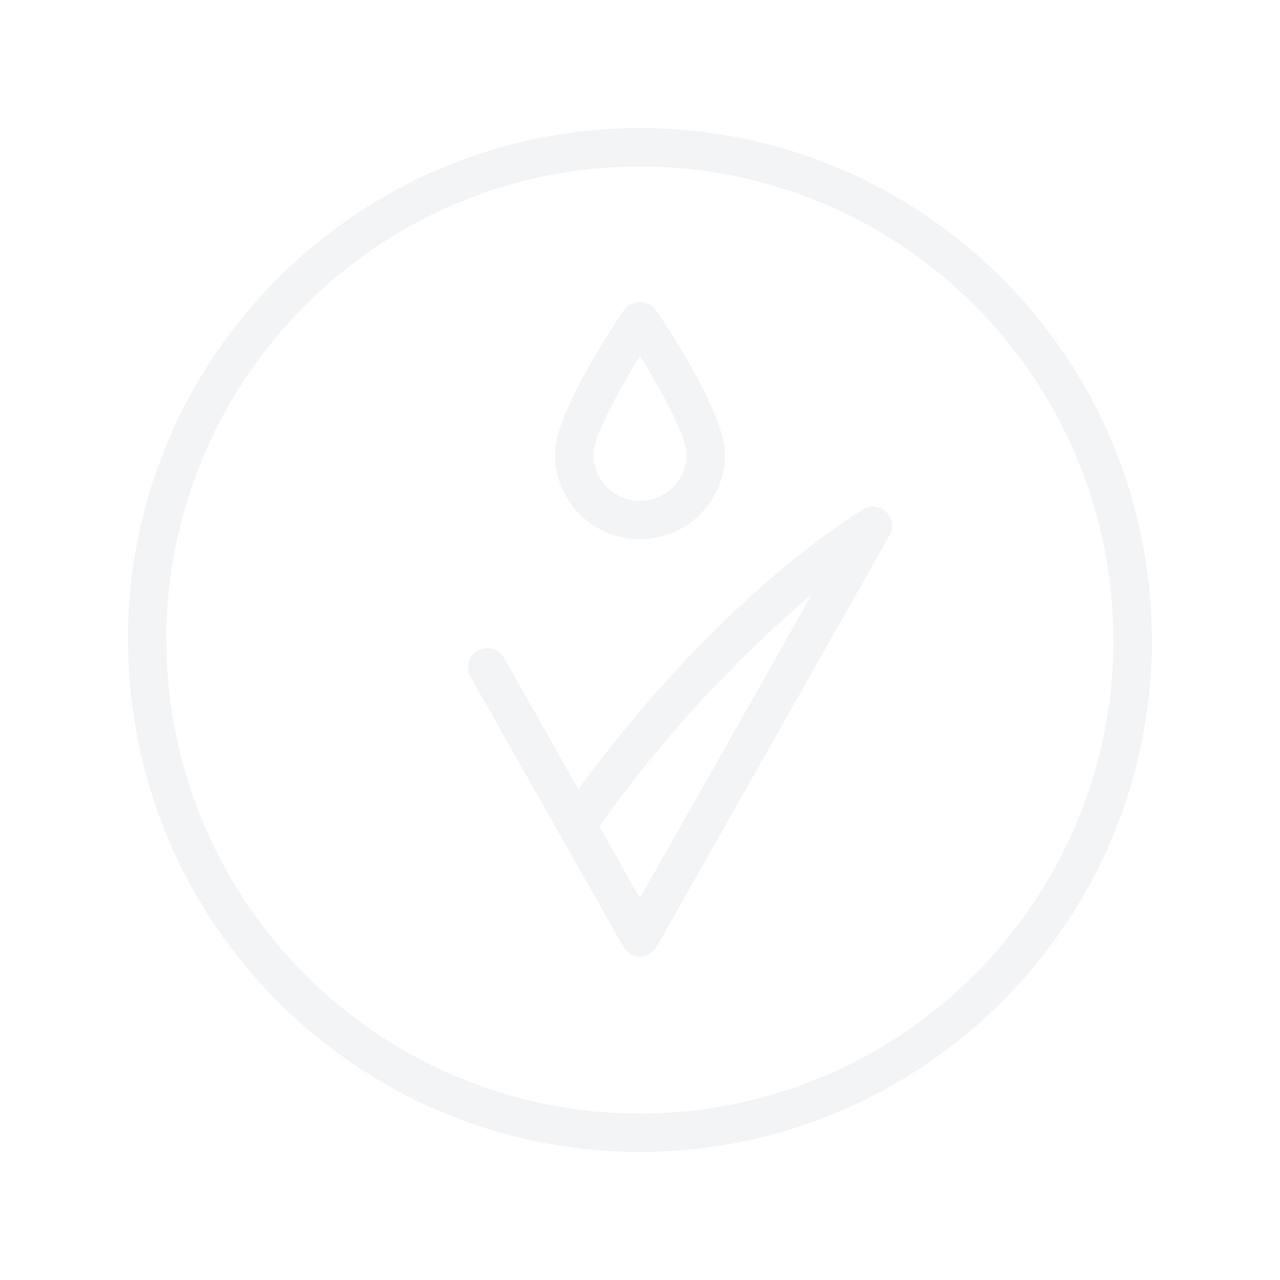 SHISEIDO Synchro Skin Lasting Foundation SPF20 30ml